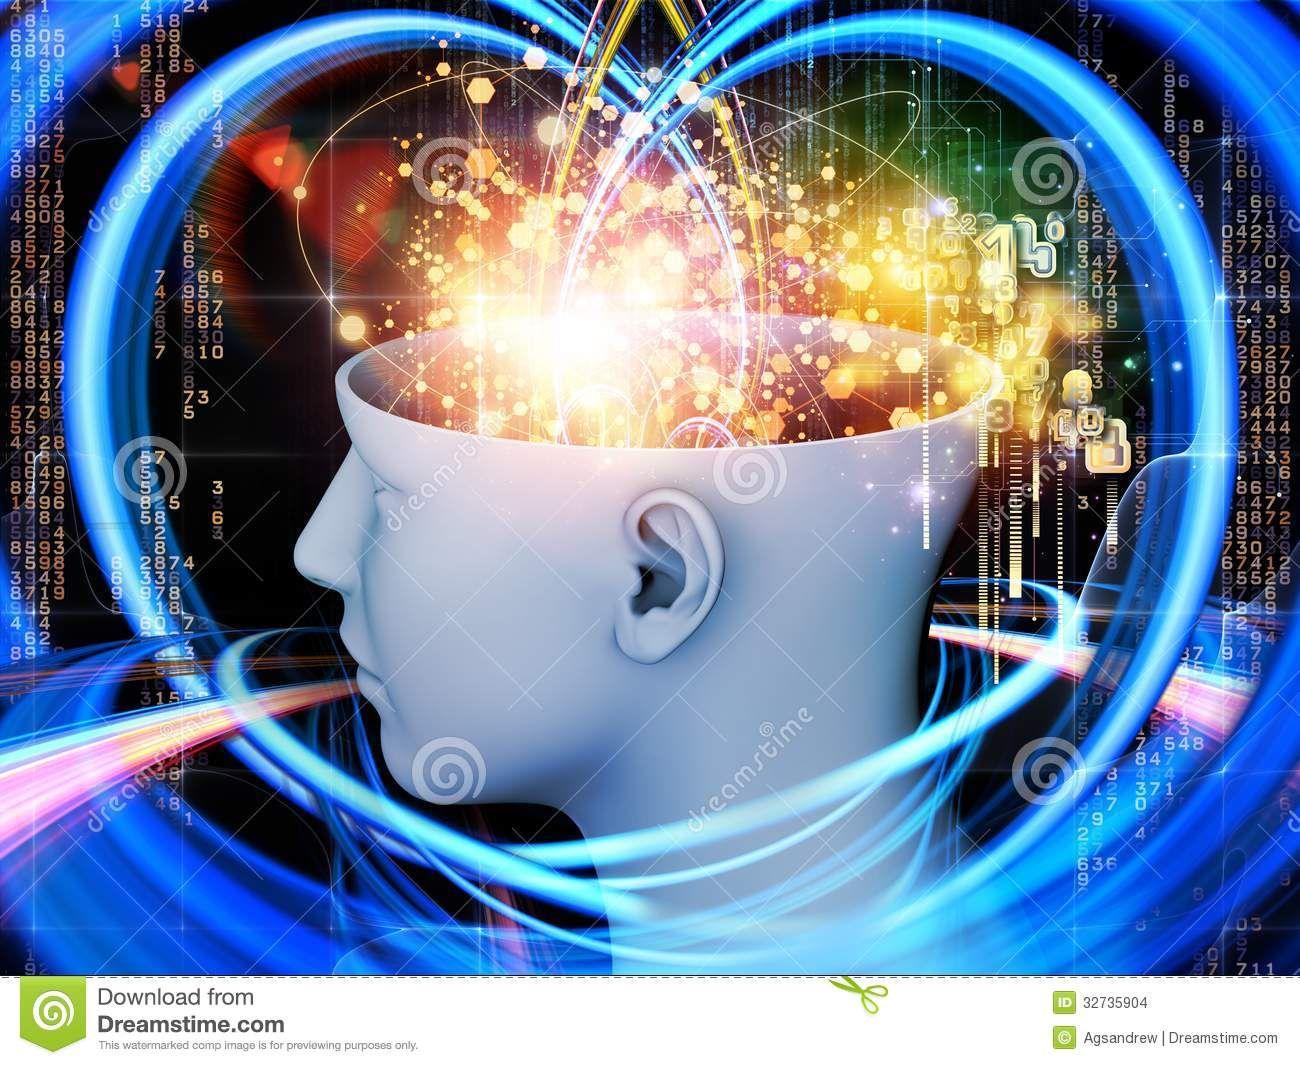 mente - Buscar con Google